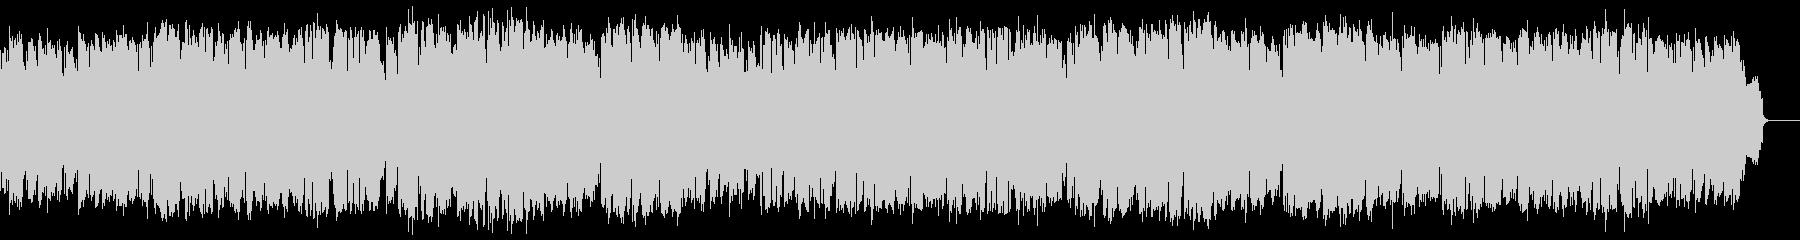 昭和レトロ溢れるビギーンをソプラノで歌うの未再生の波形